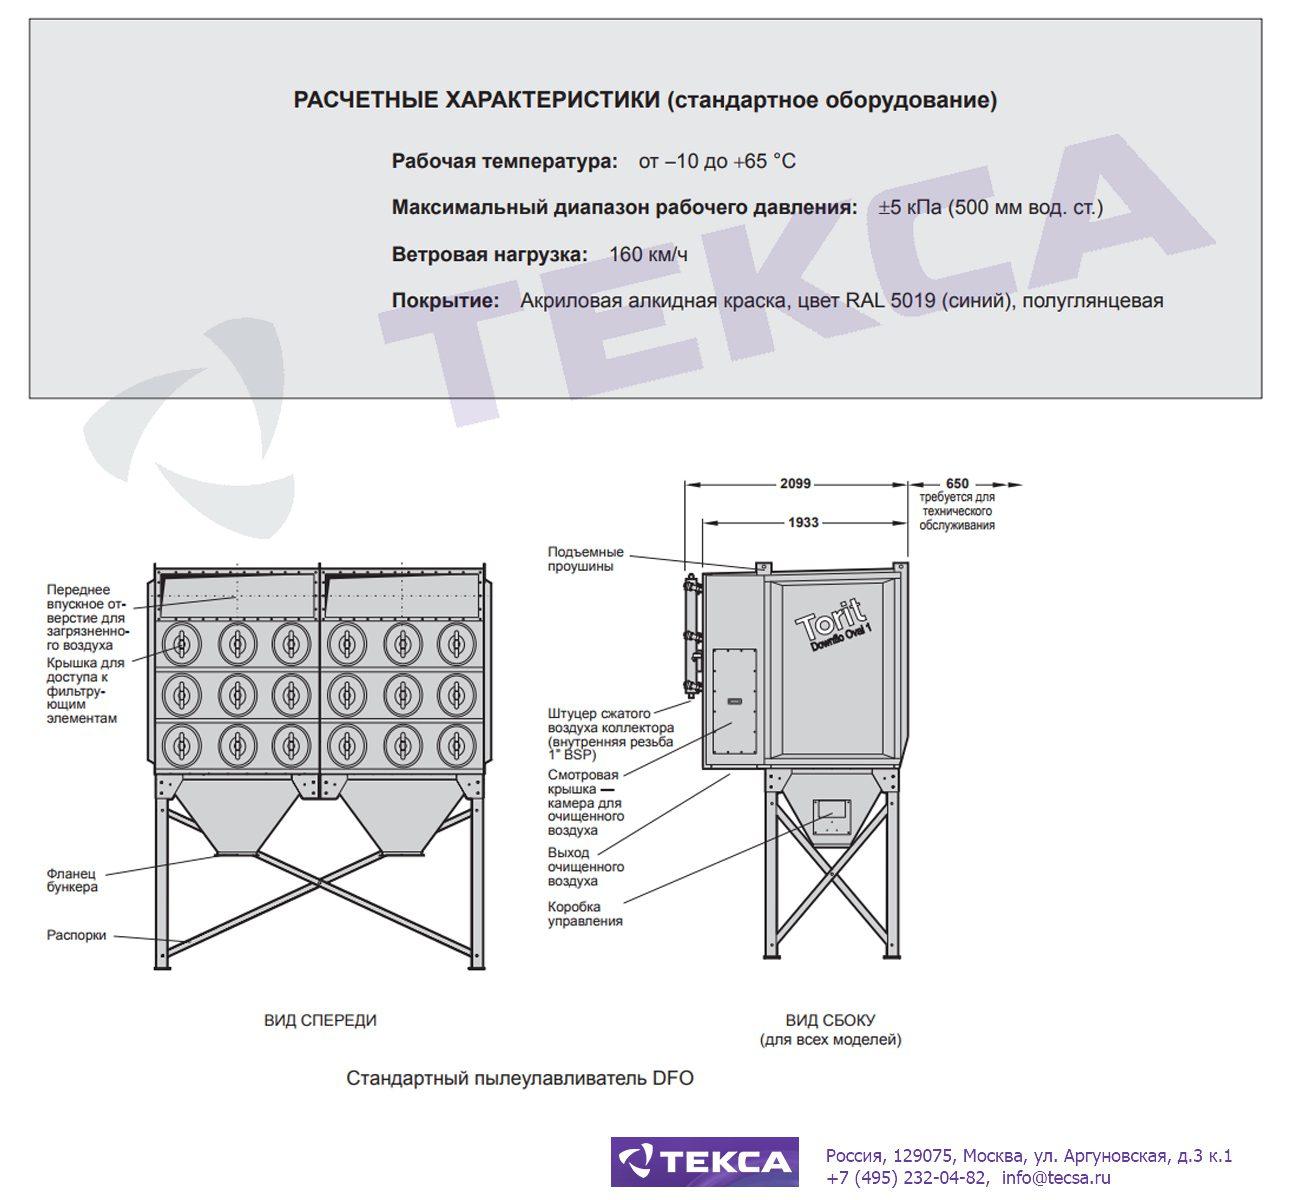 Технические характеристики картриджных пылеулавливателей серии Downflo Oval